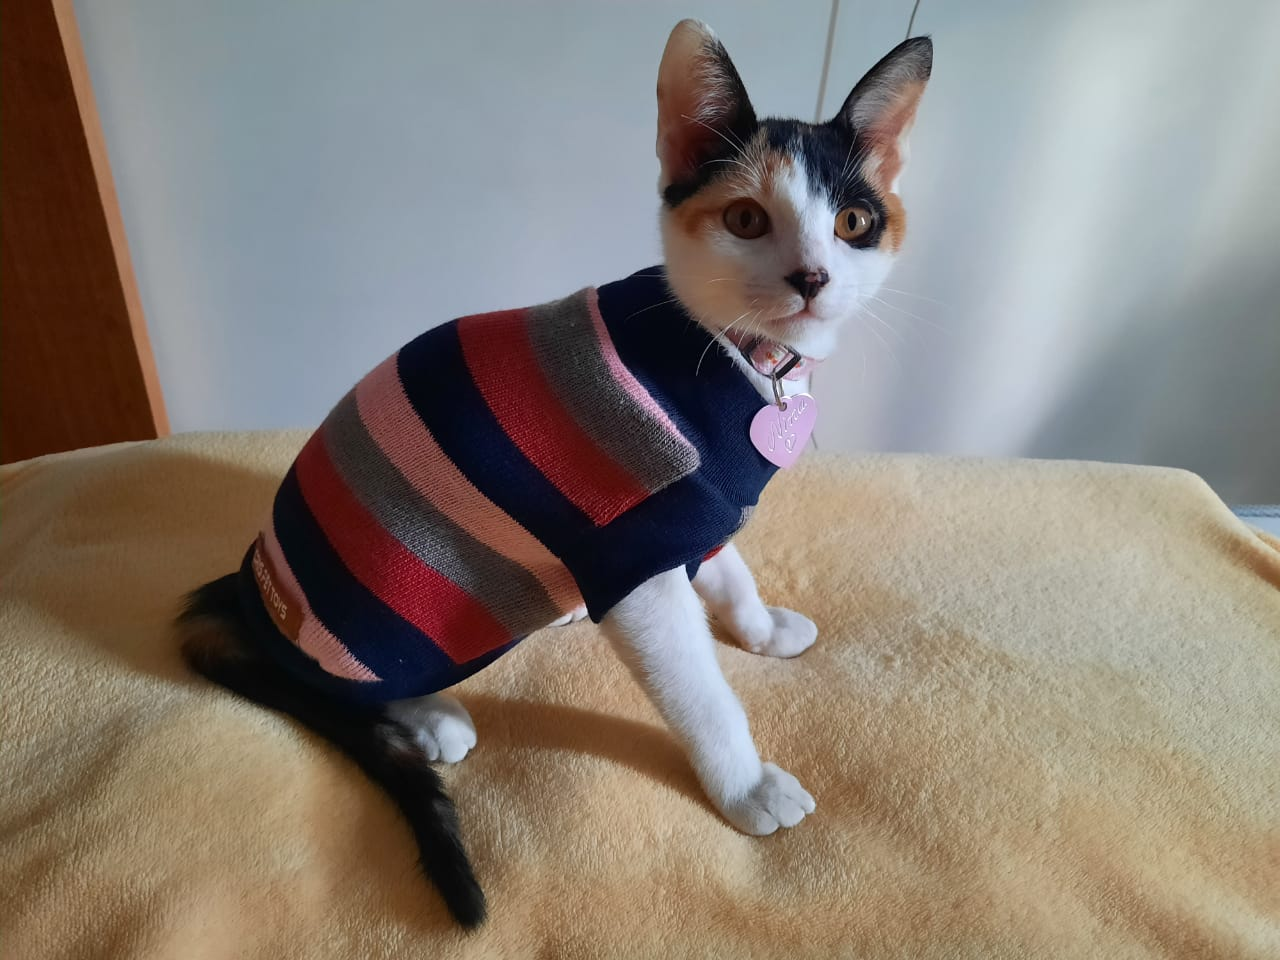 Foto mostra gatinho com roupa listrada vermelha e preta